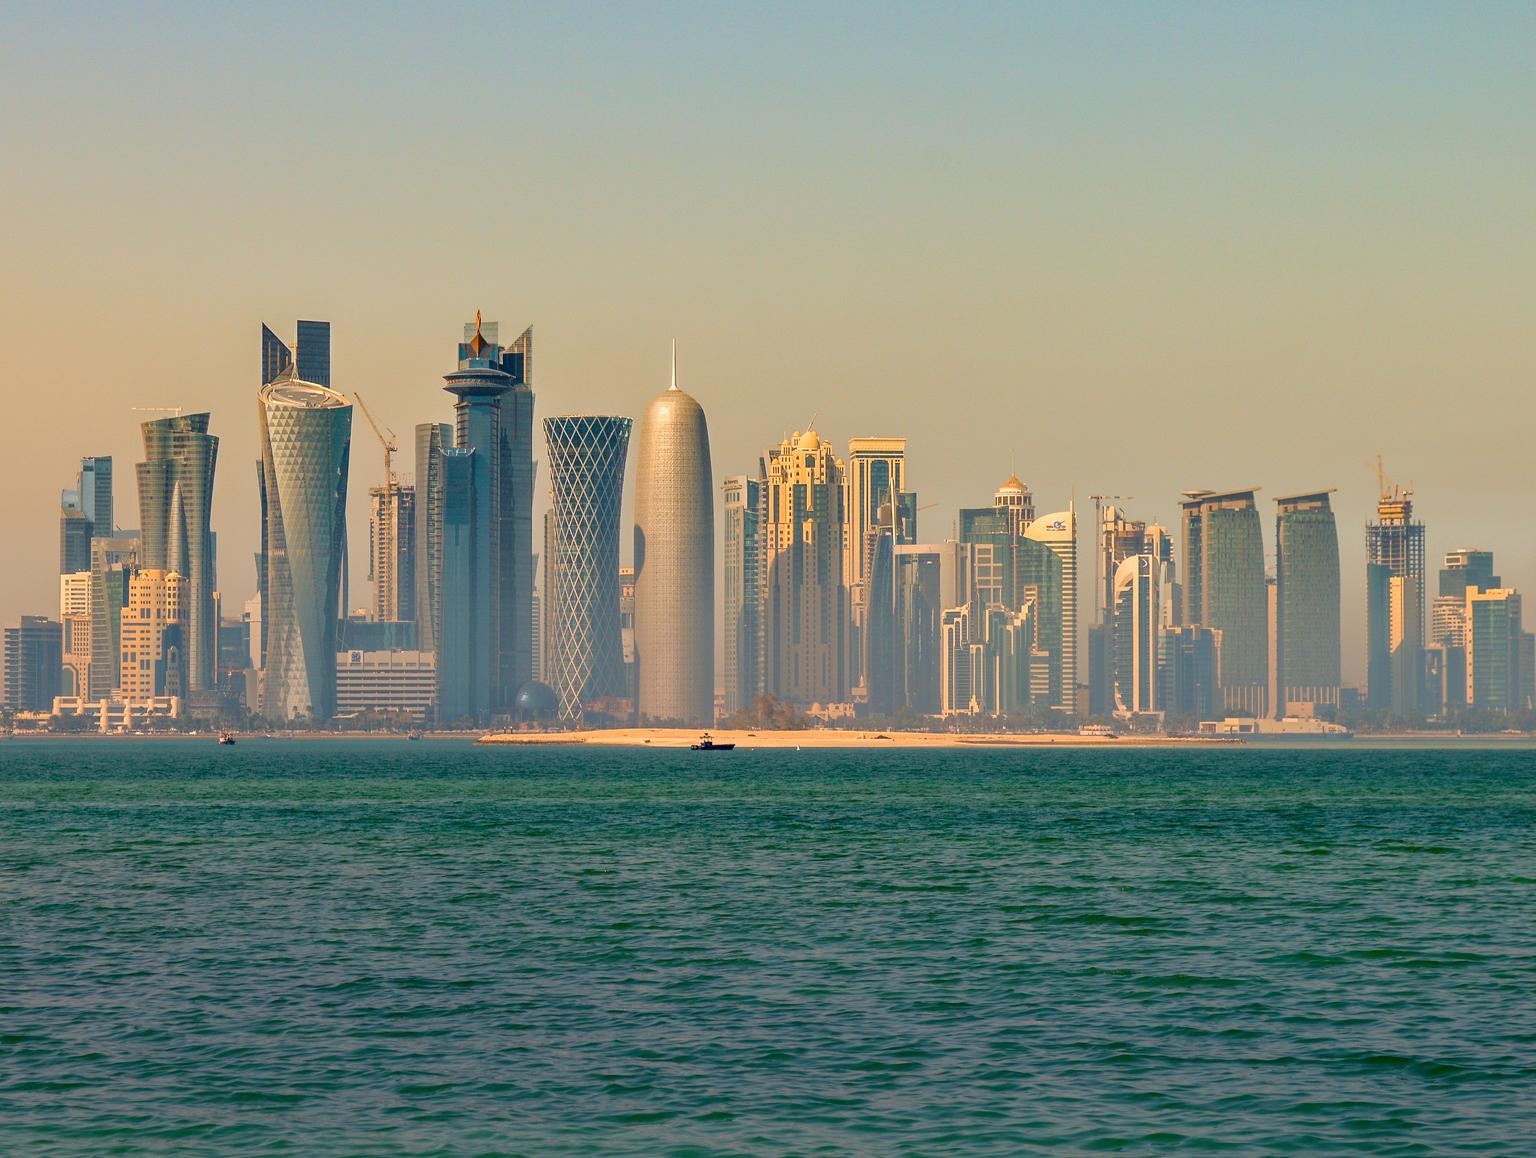 Doha i dagslys, noe vi ikke fikk se. Bildet er lånt fra Wikipedia og merket med tillatelse for gjenbruk.